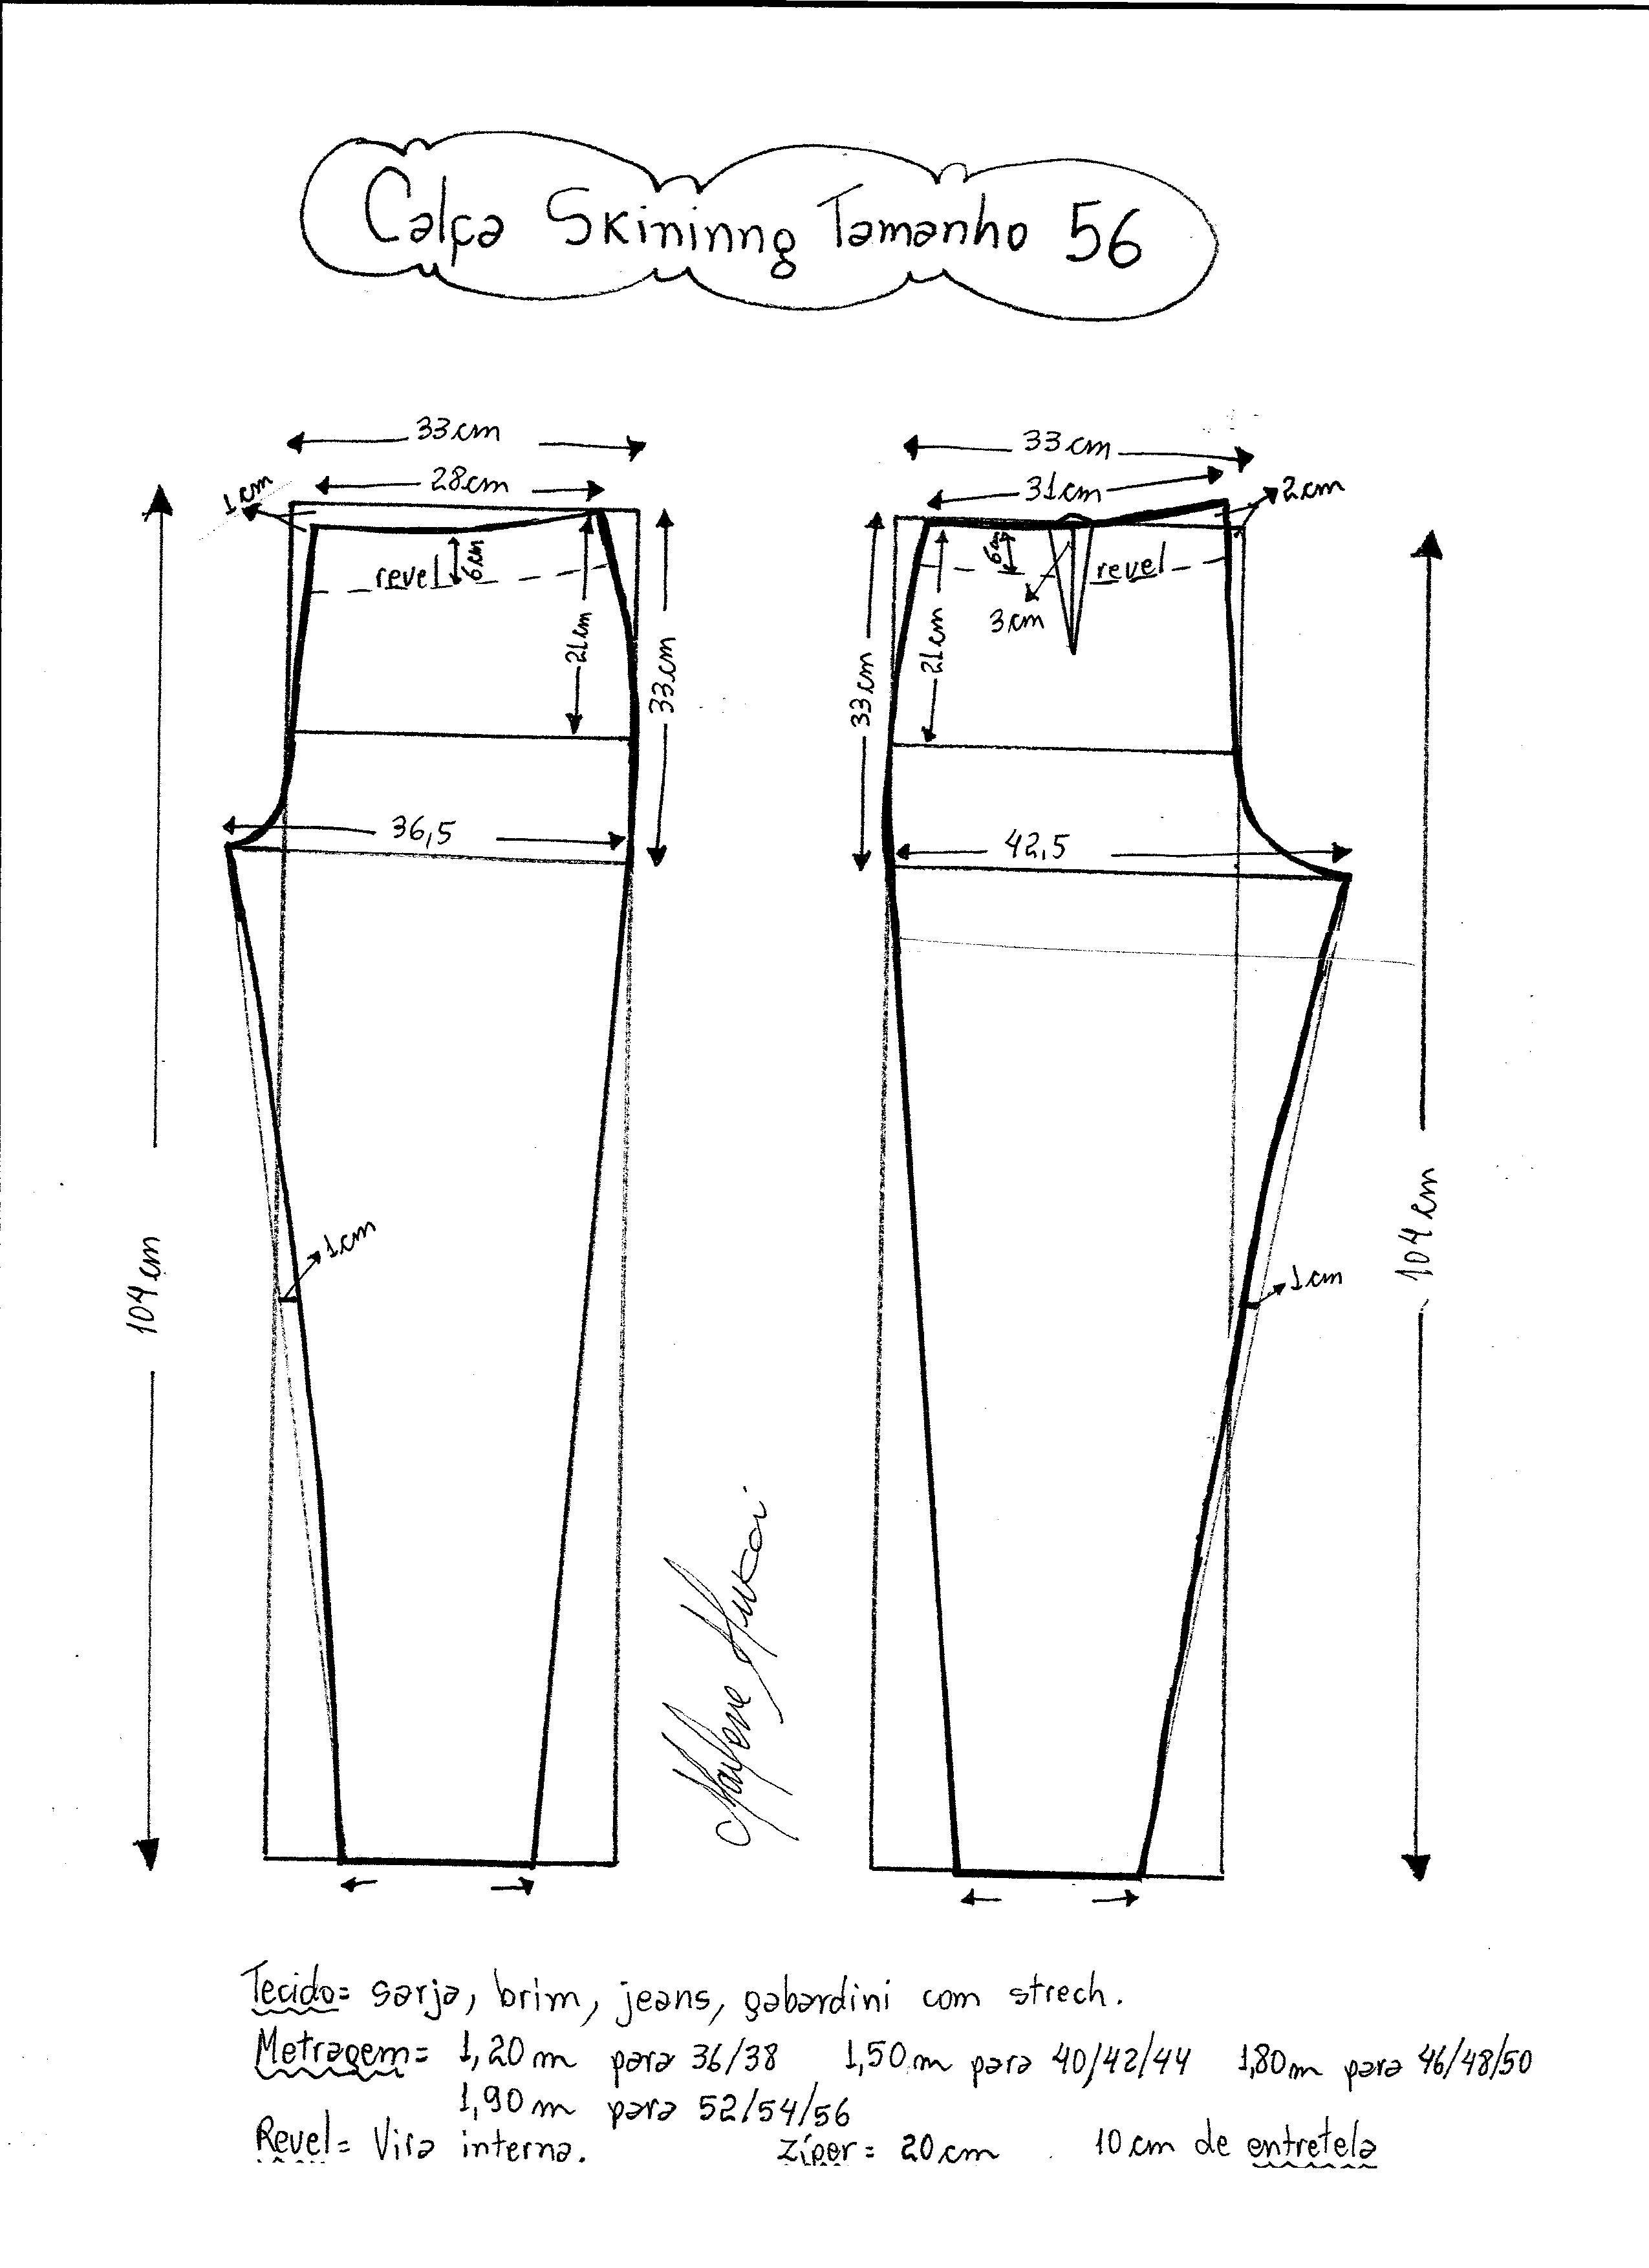 5674fbe7e Esquema de modelagem de calça skinny tamanho 56.